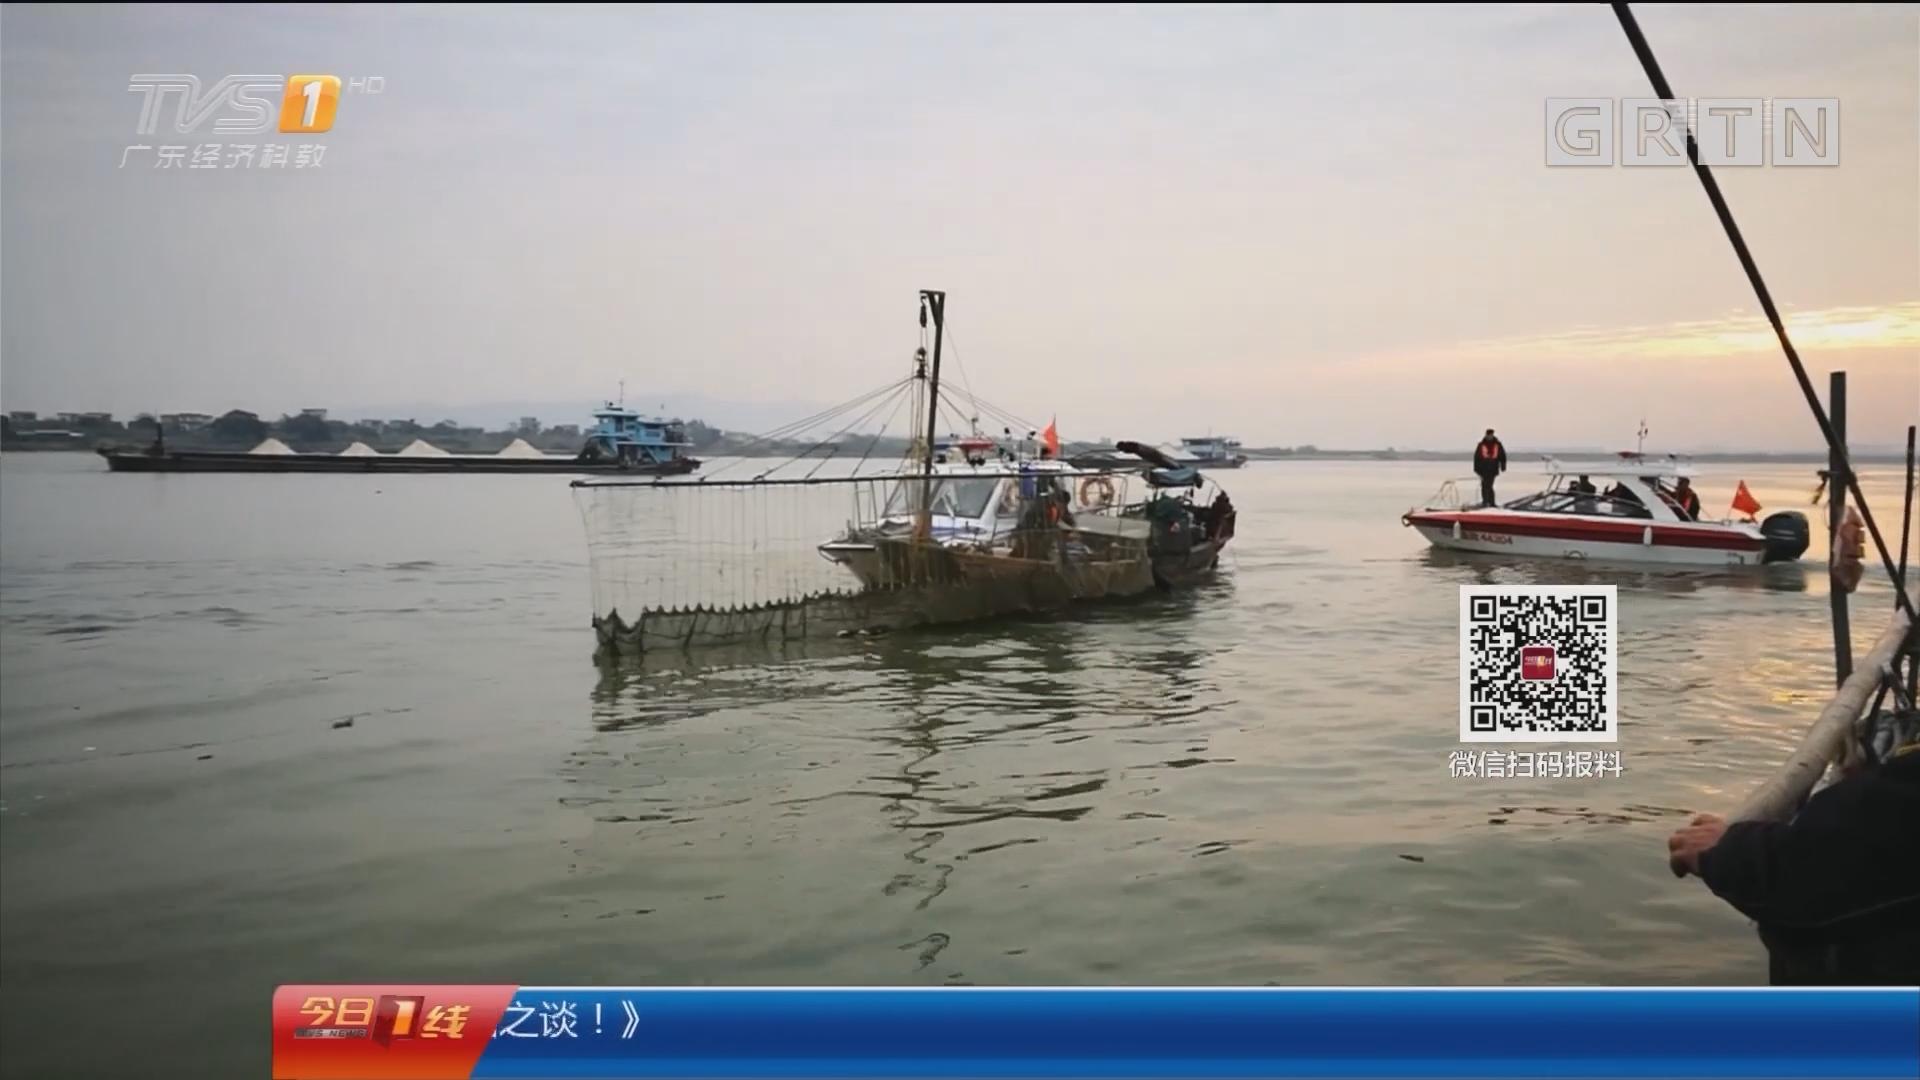 佛山:非法电鱼还拒捕 执法船包抄拦截